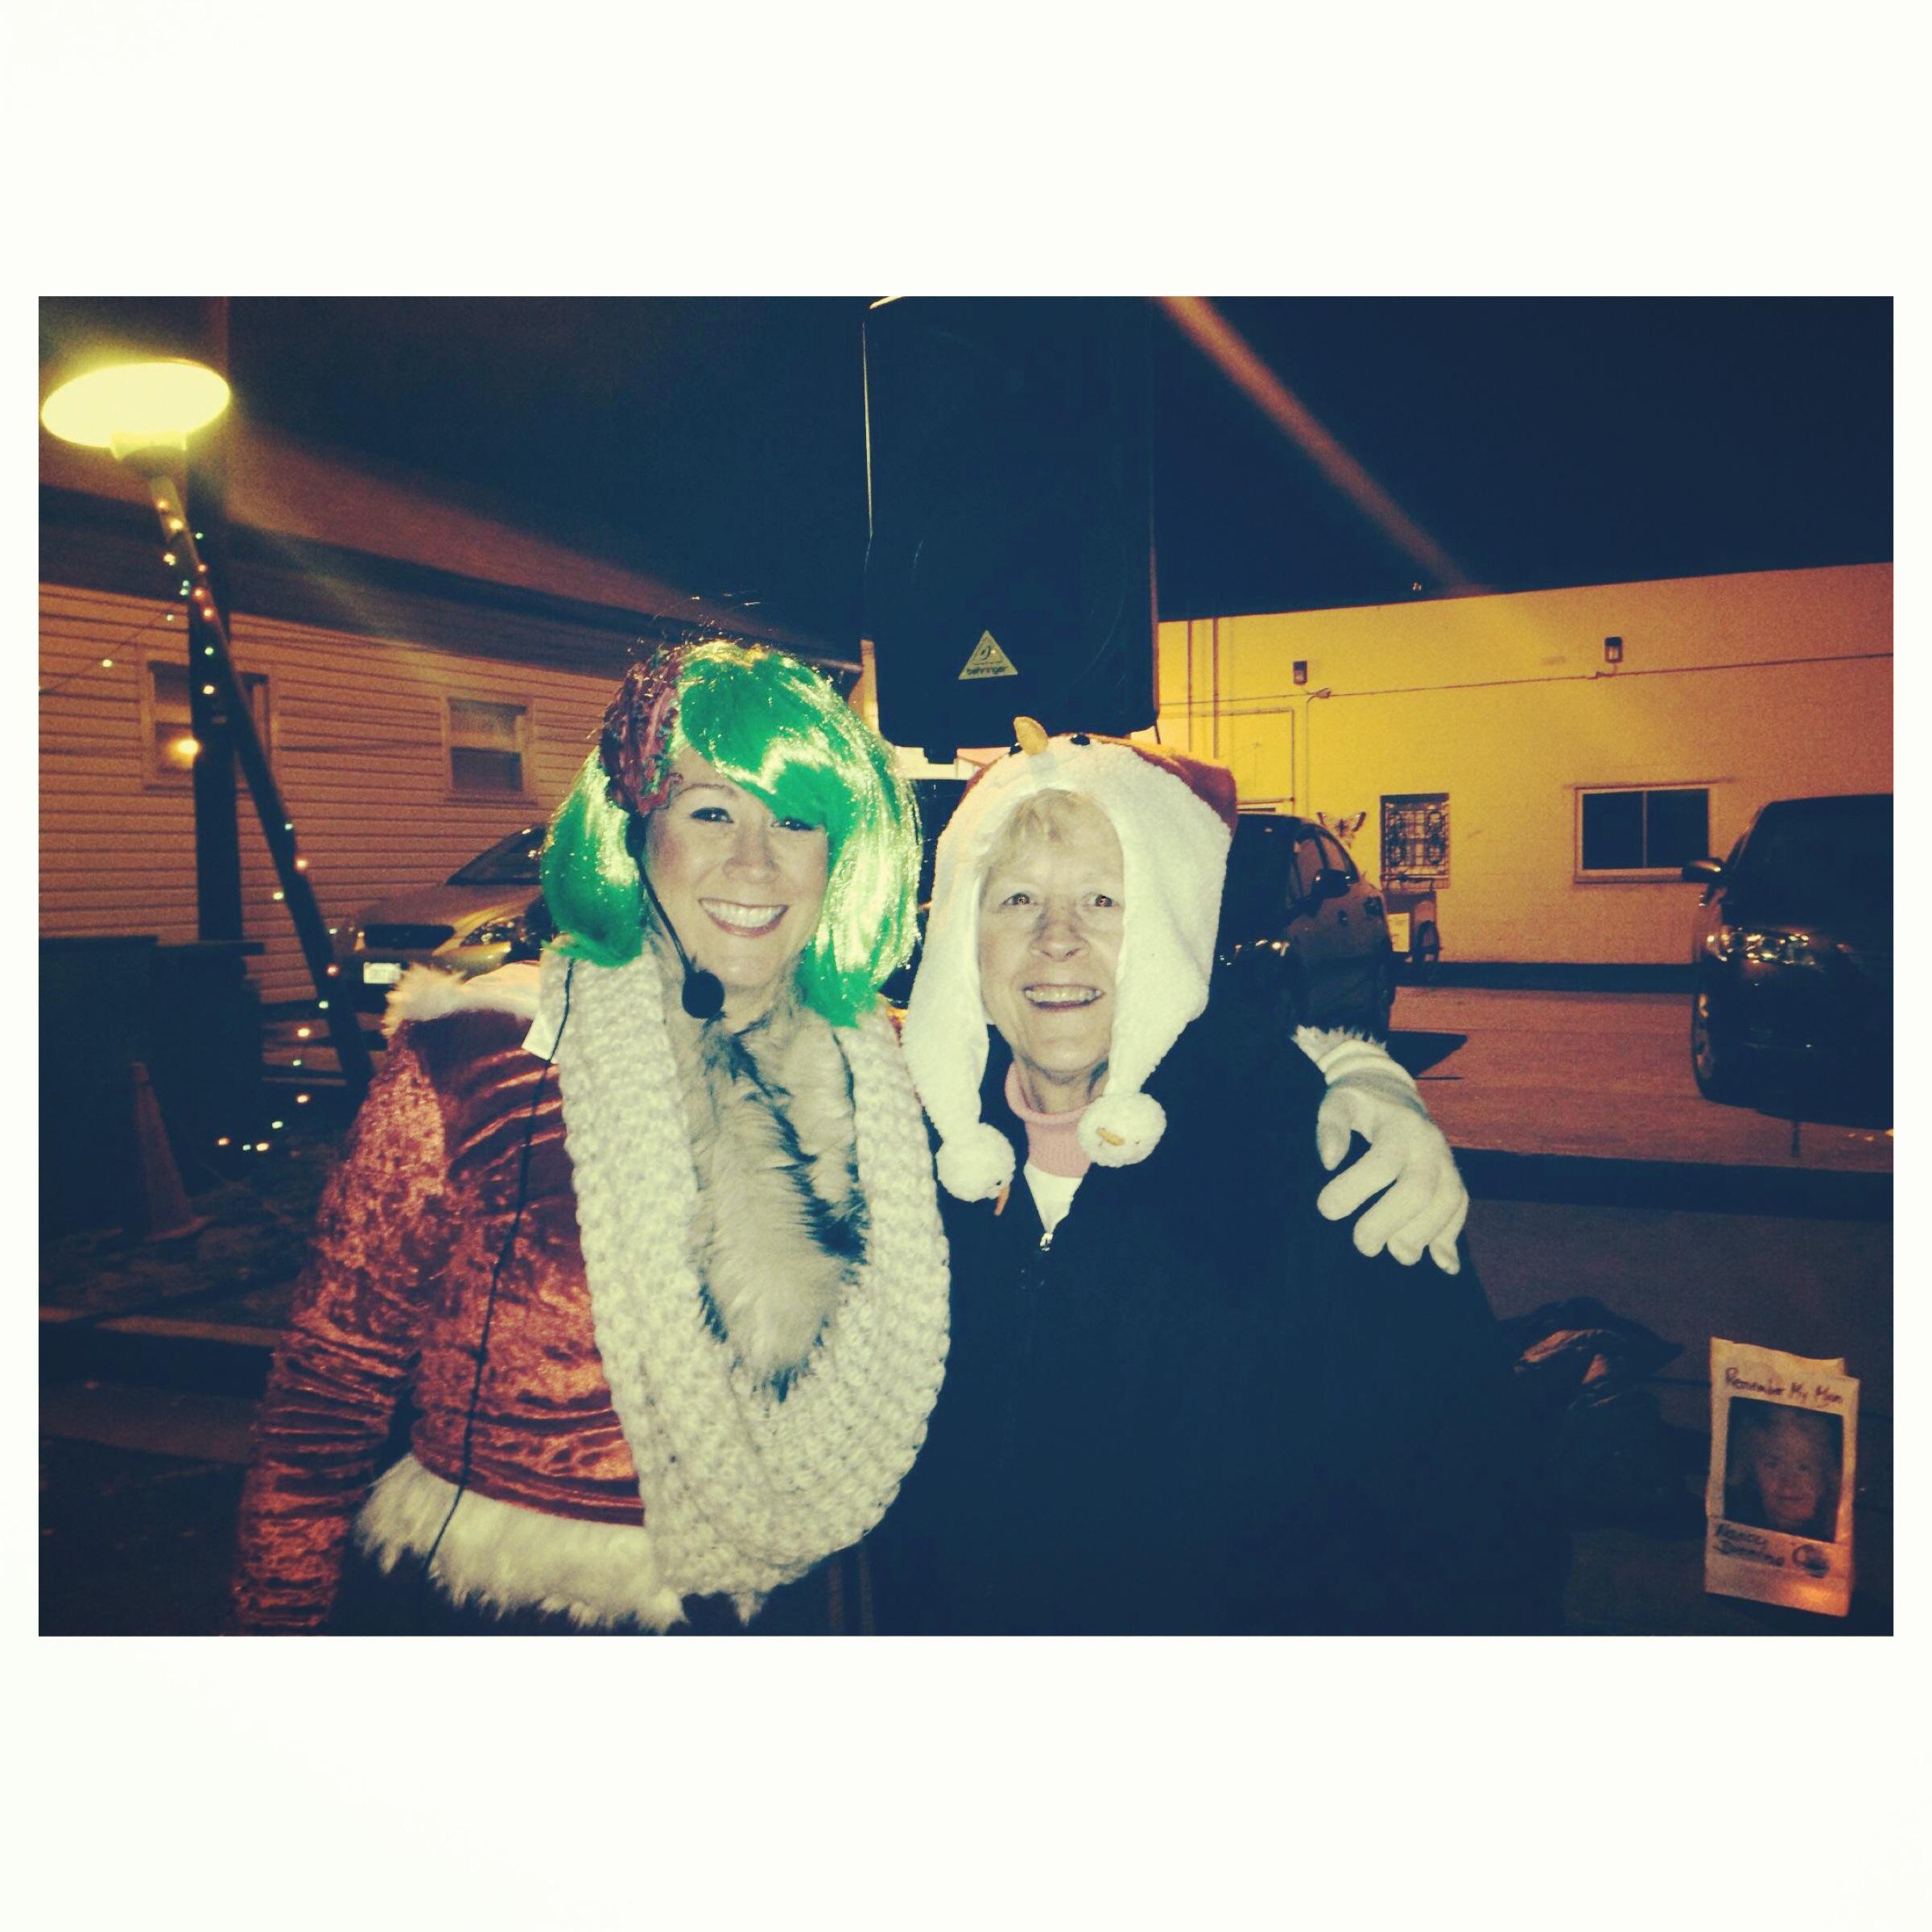 Del Ray Tree Lighting December 2013